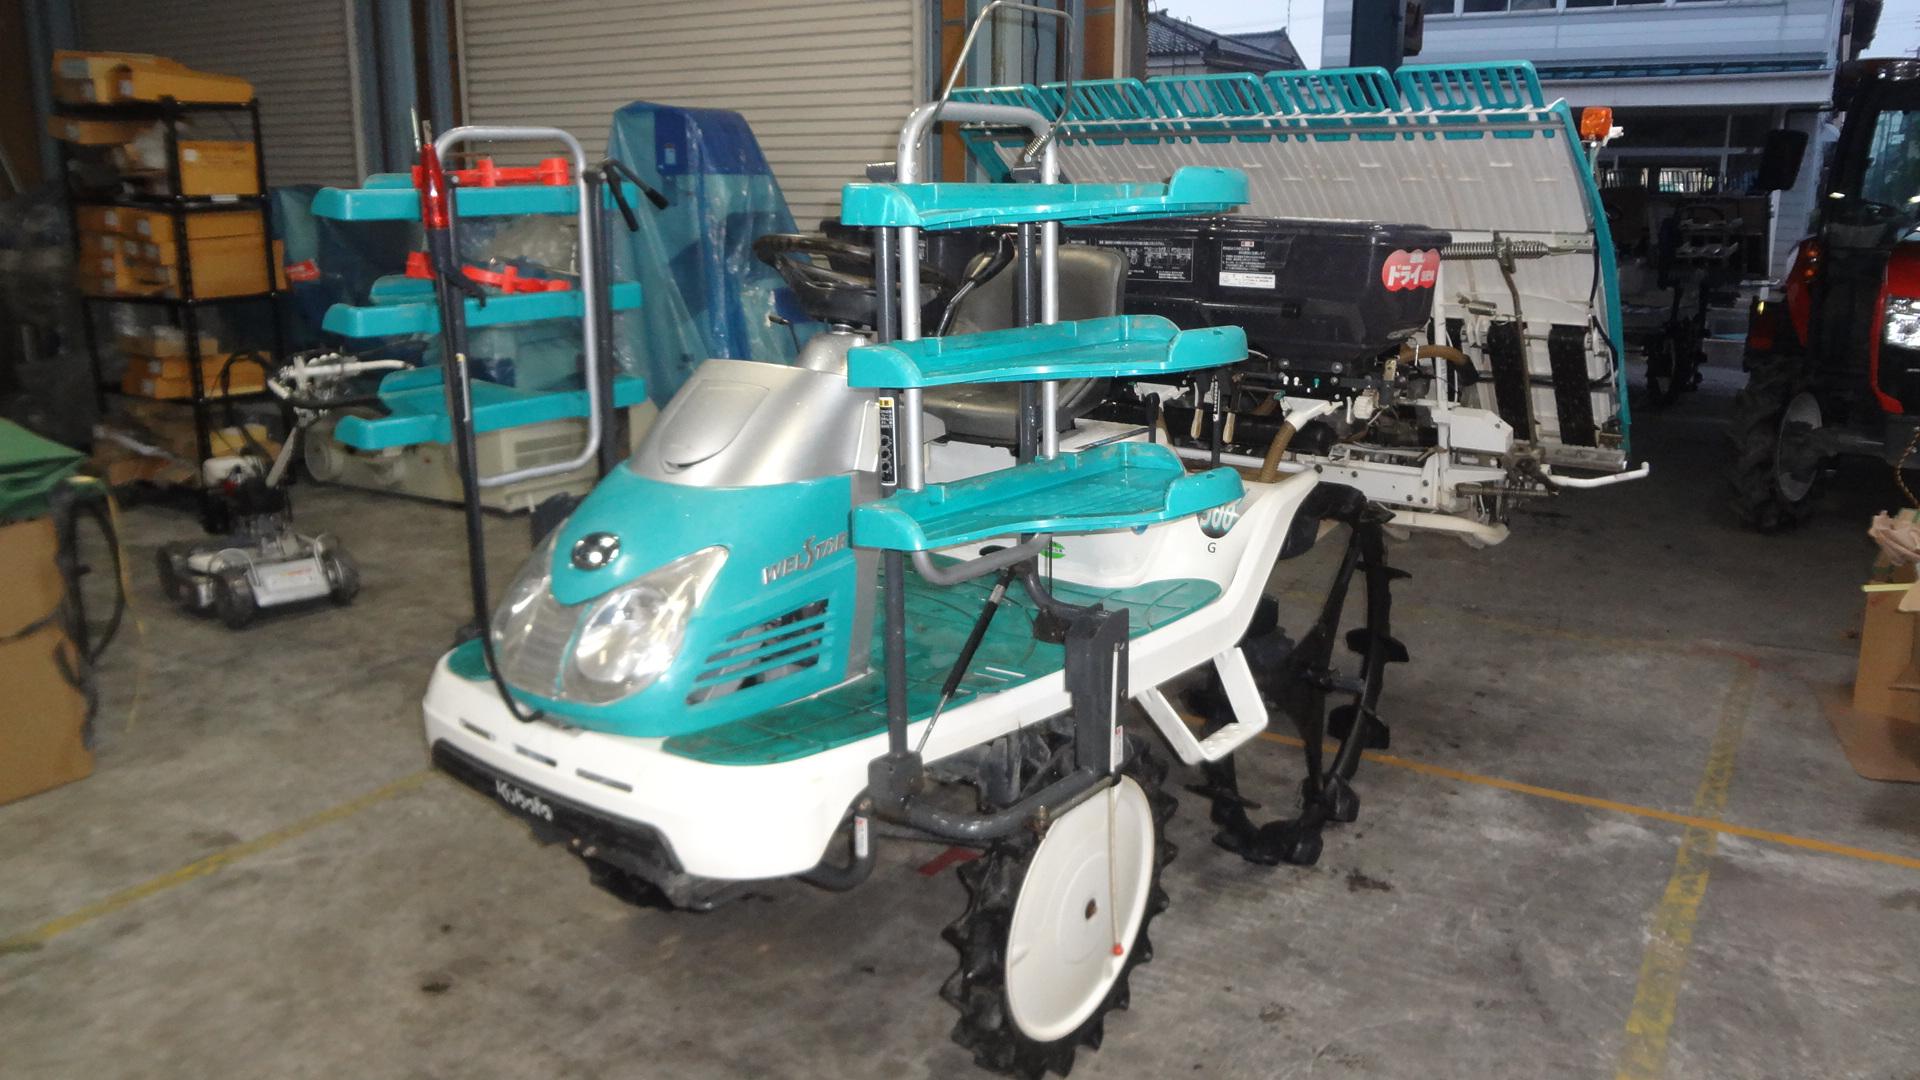 中古田植え機5条 SPU500GIT5F 施肥付 大径車輪 クボタ